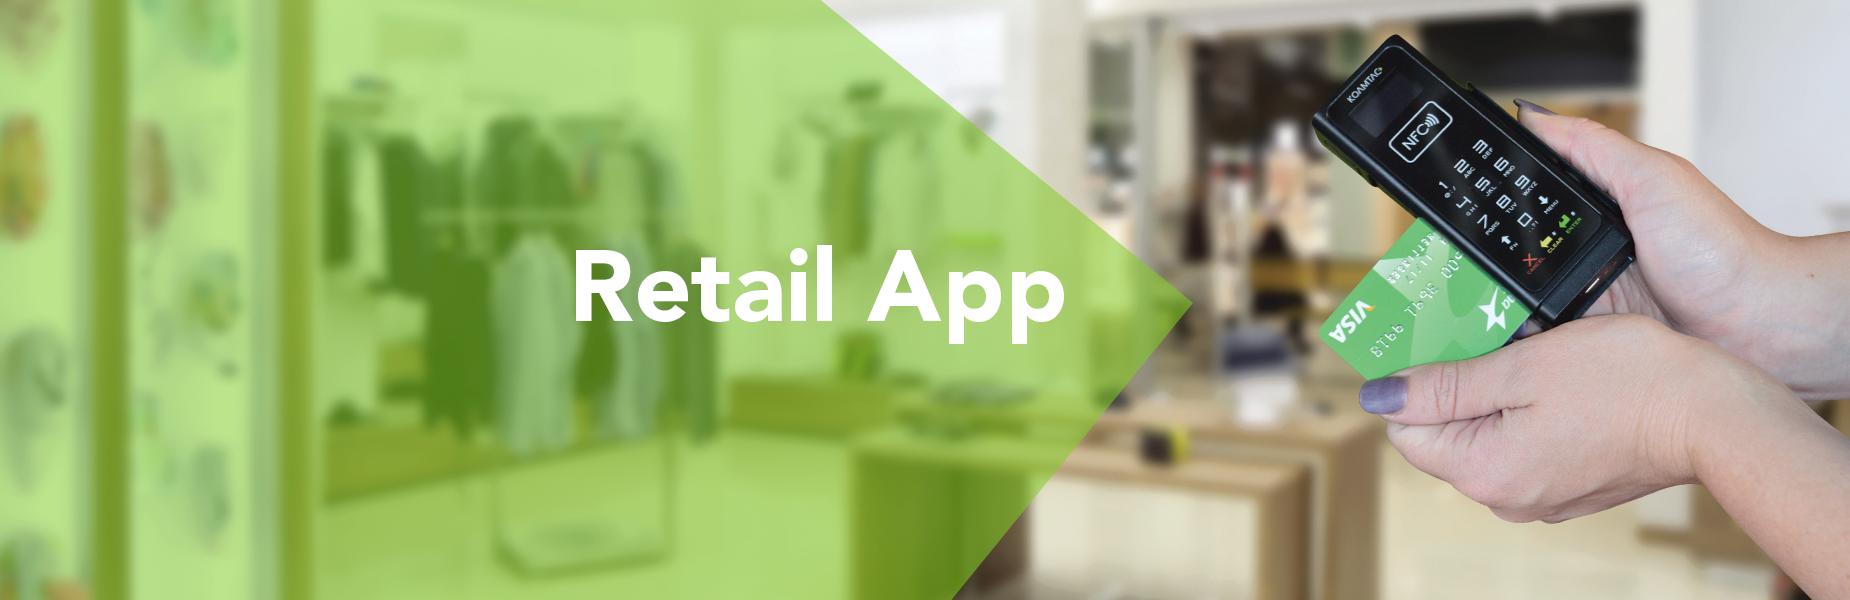 Retail App KOAMTACON